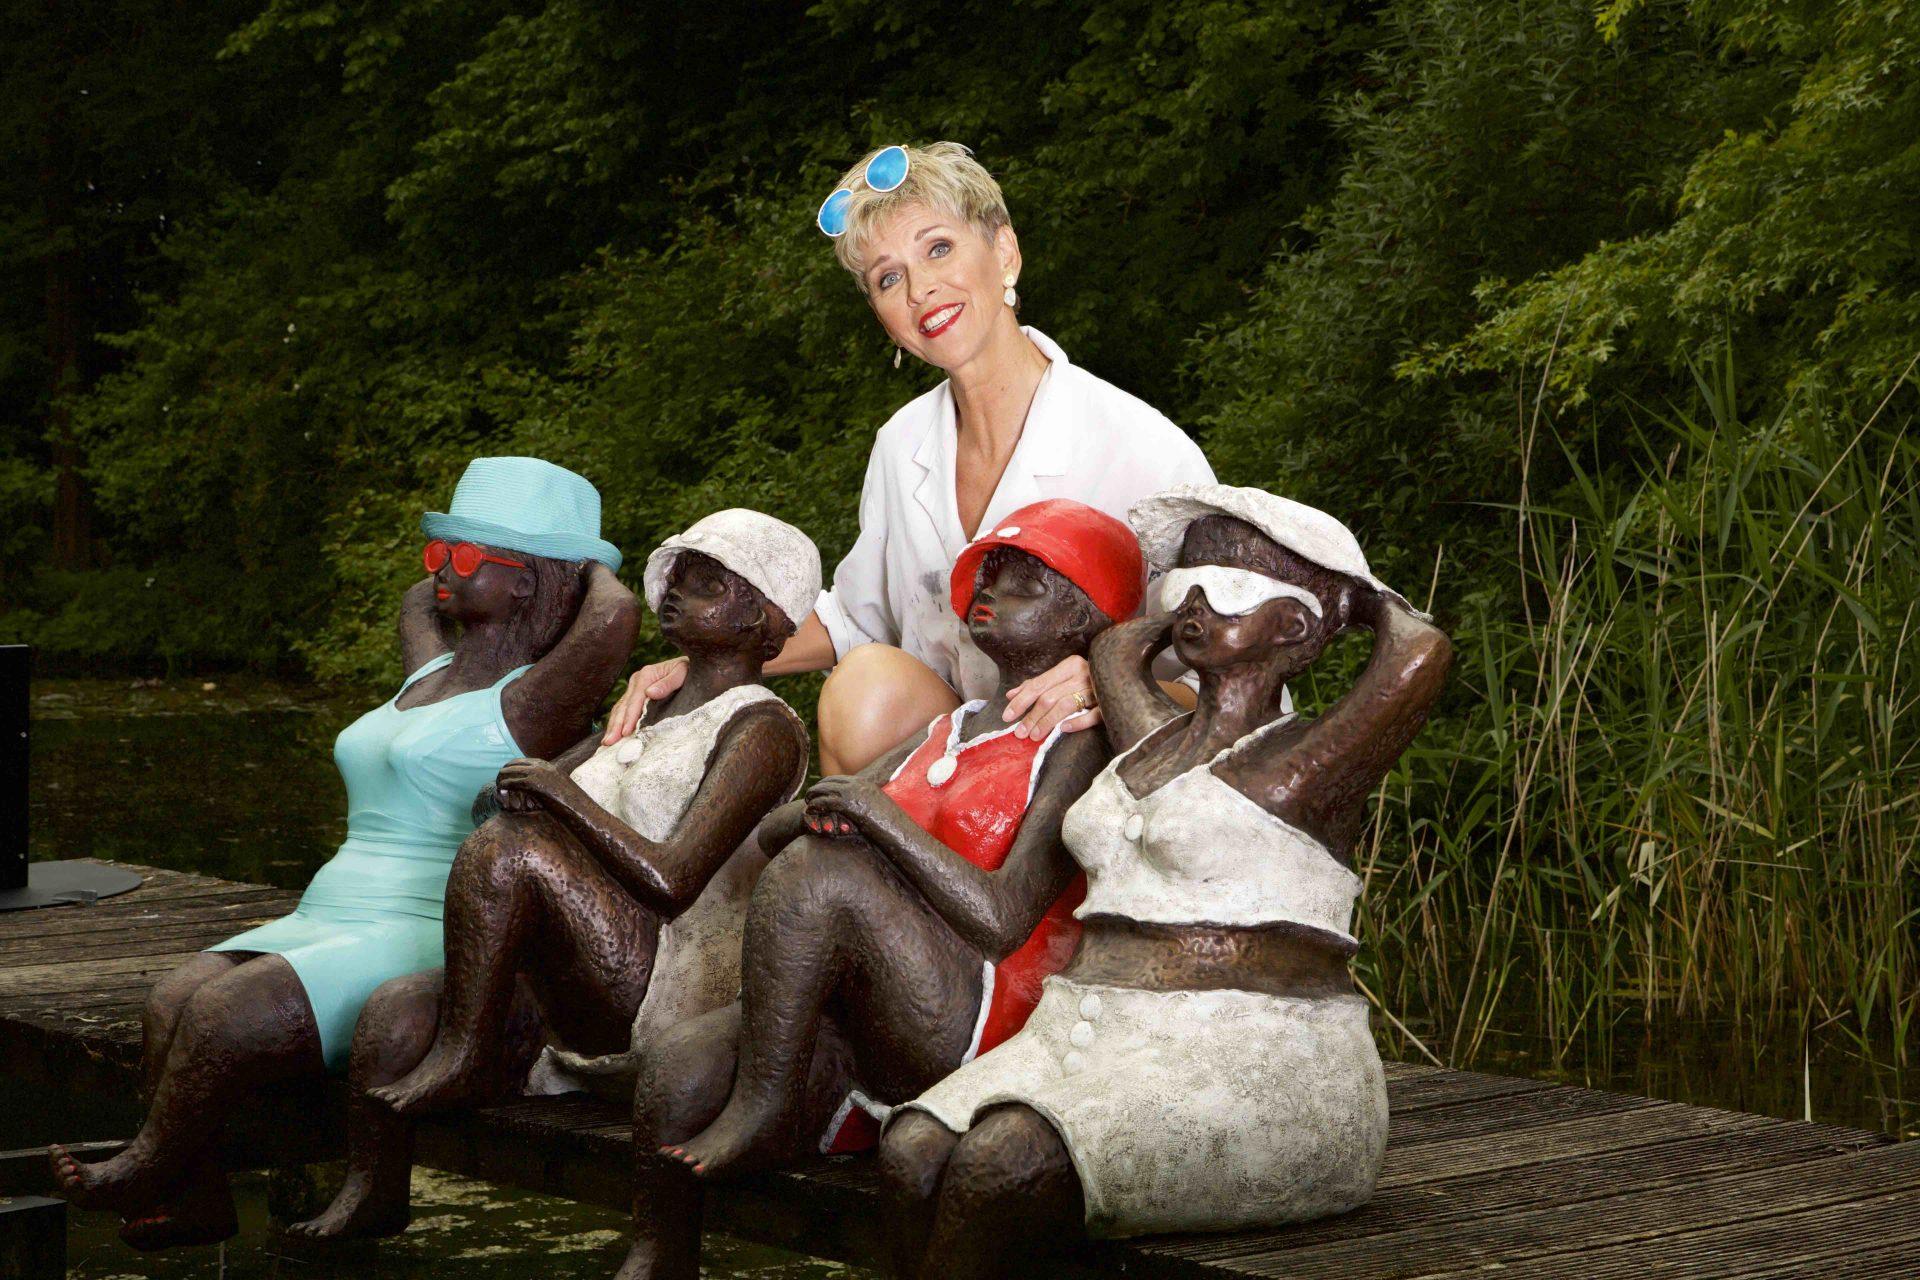 happy aan het water, bronzen beelden voor aan het water, kunst voor zwembad, kunst voor vijver Veerle De Vos en haar dikke madammen